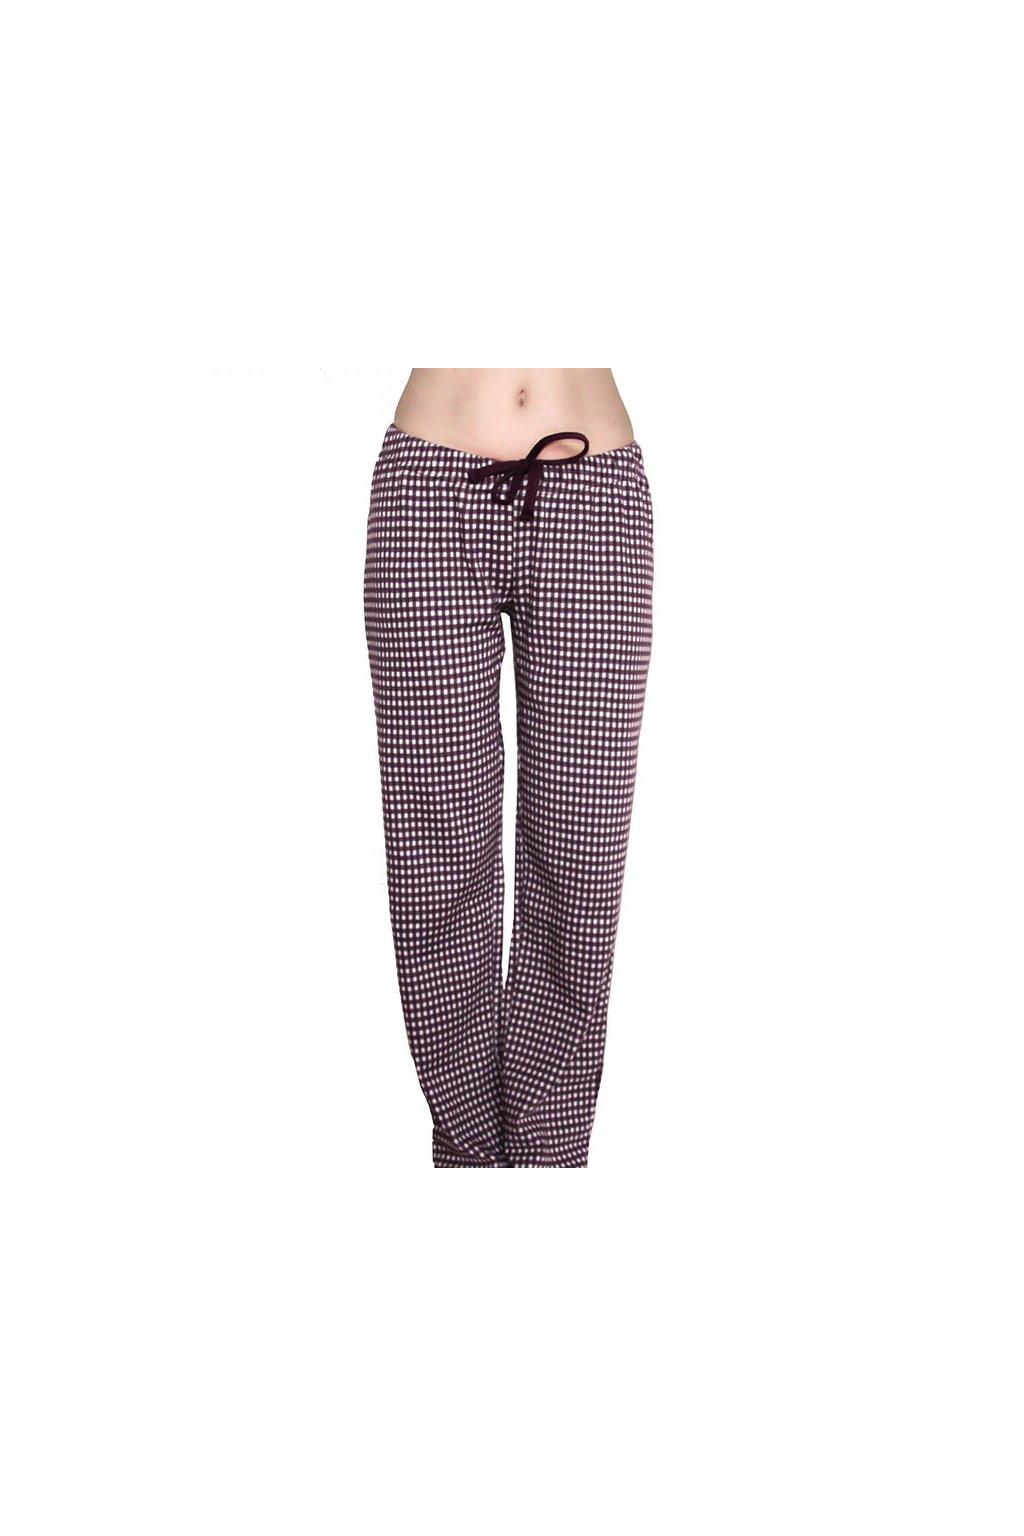 Dámské pyžamové kalhoty z biobavlny - fialové (Velikost L)